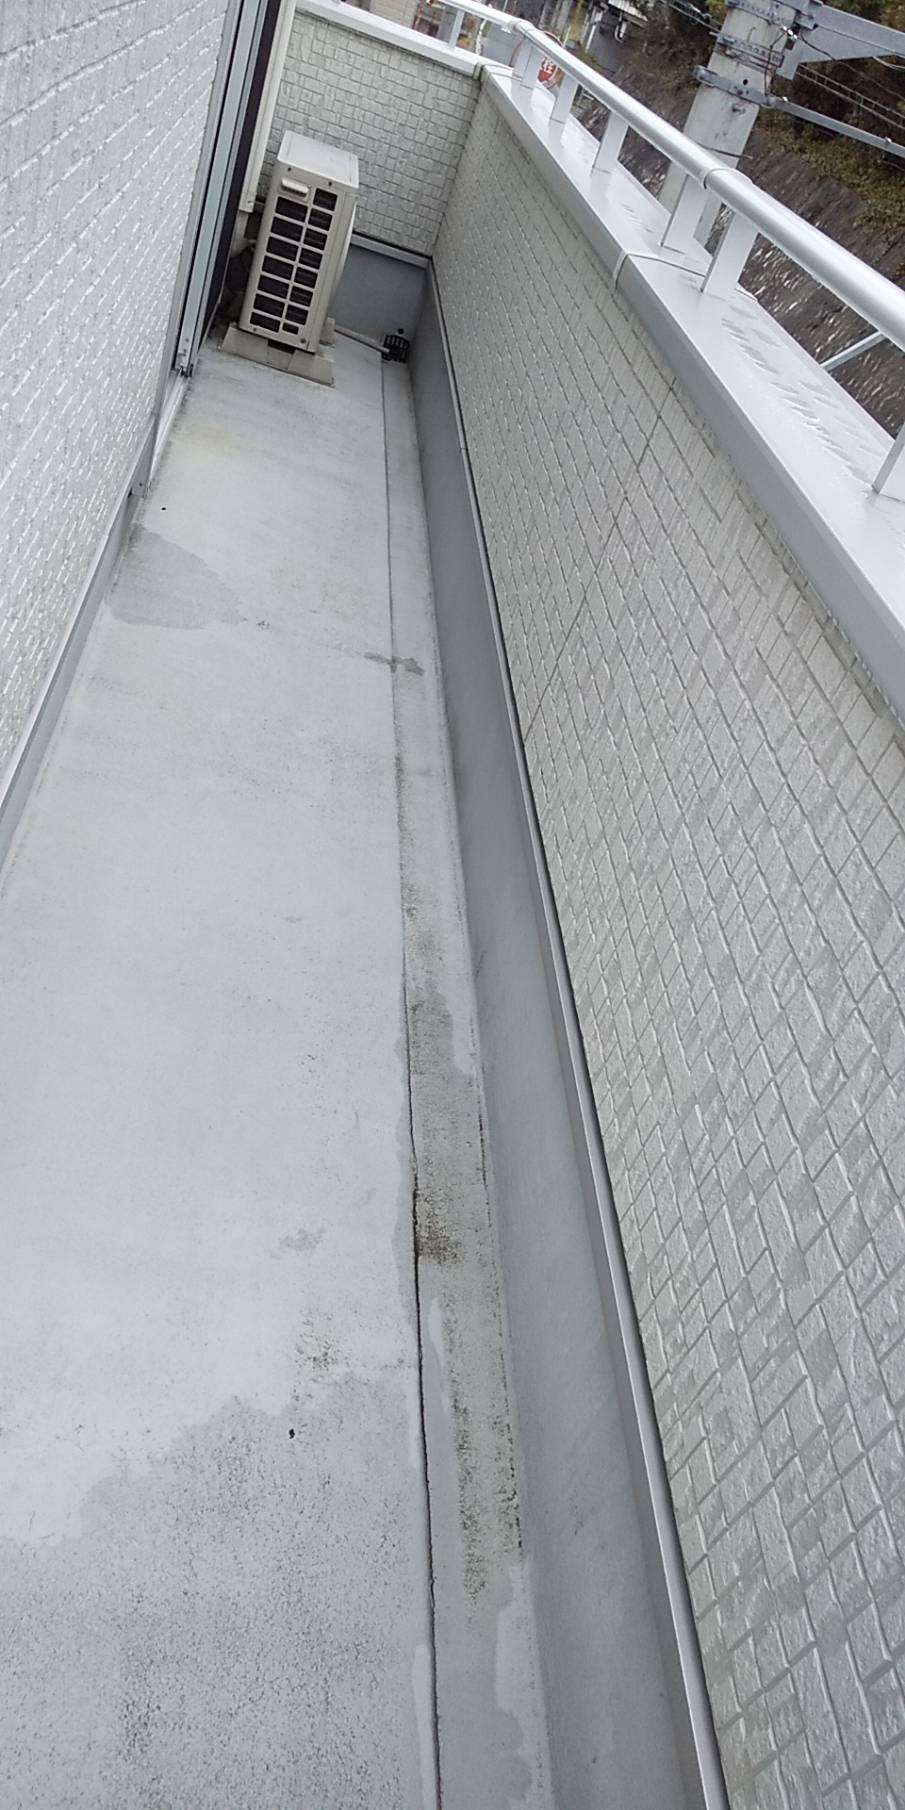 梅雨前の効果的なバルコニ-清掃方法は!!